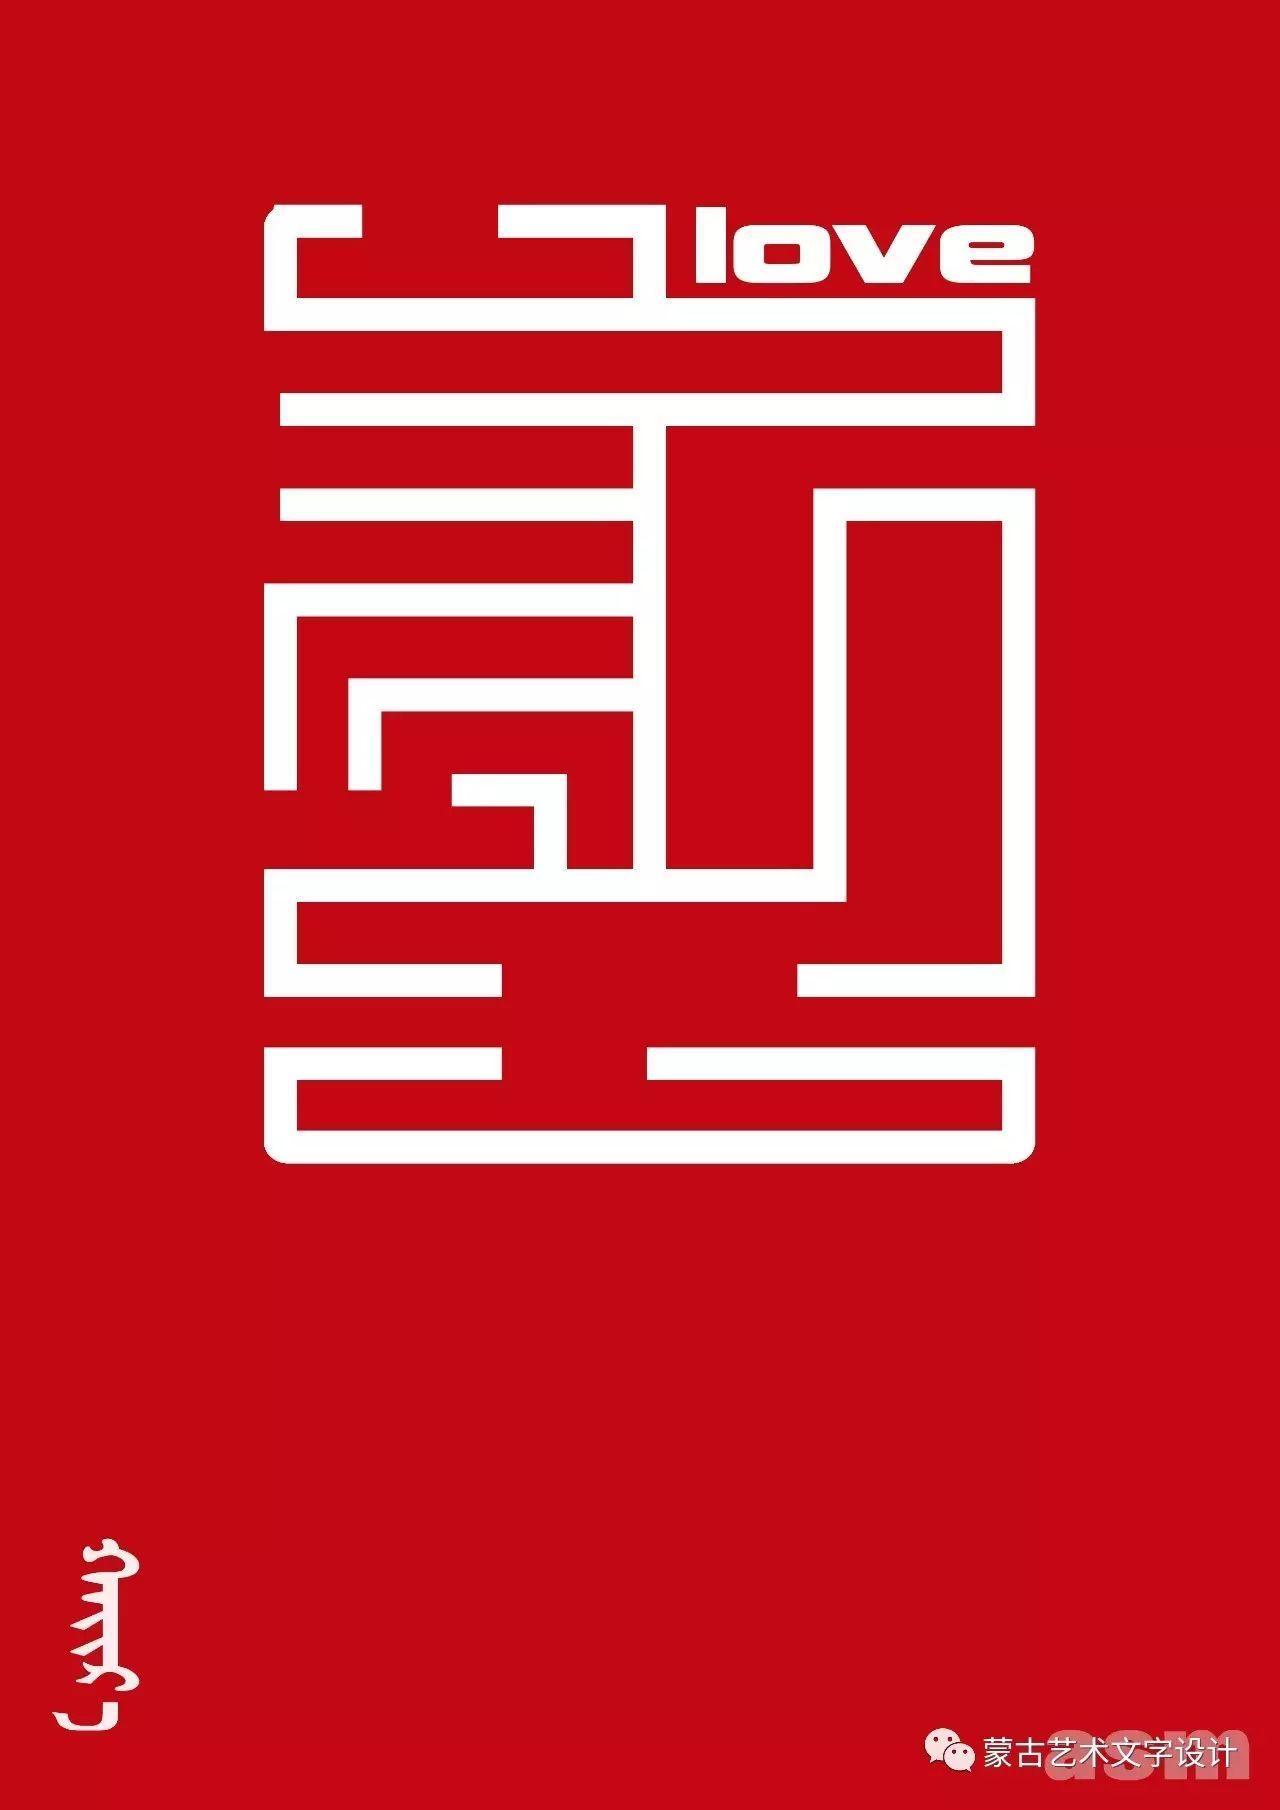 蒙古艺术文字设计 第22张